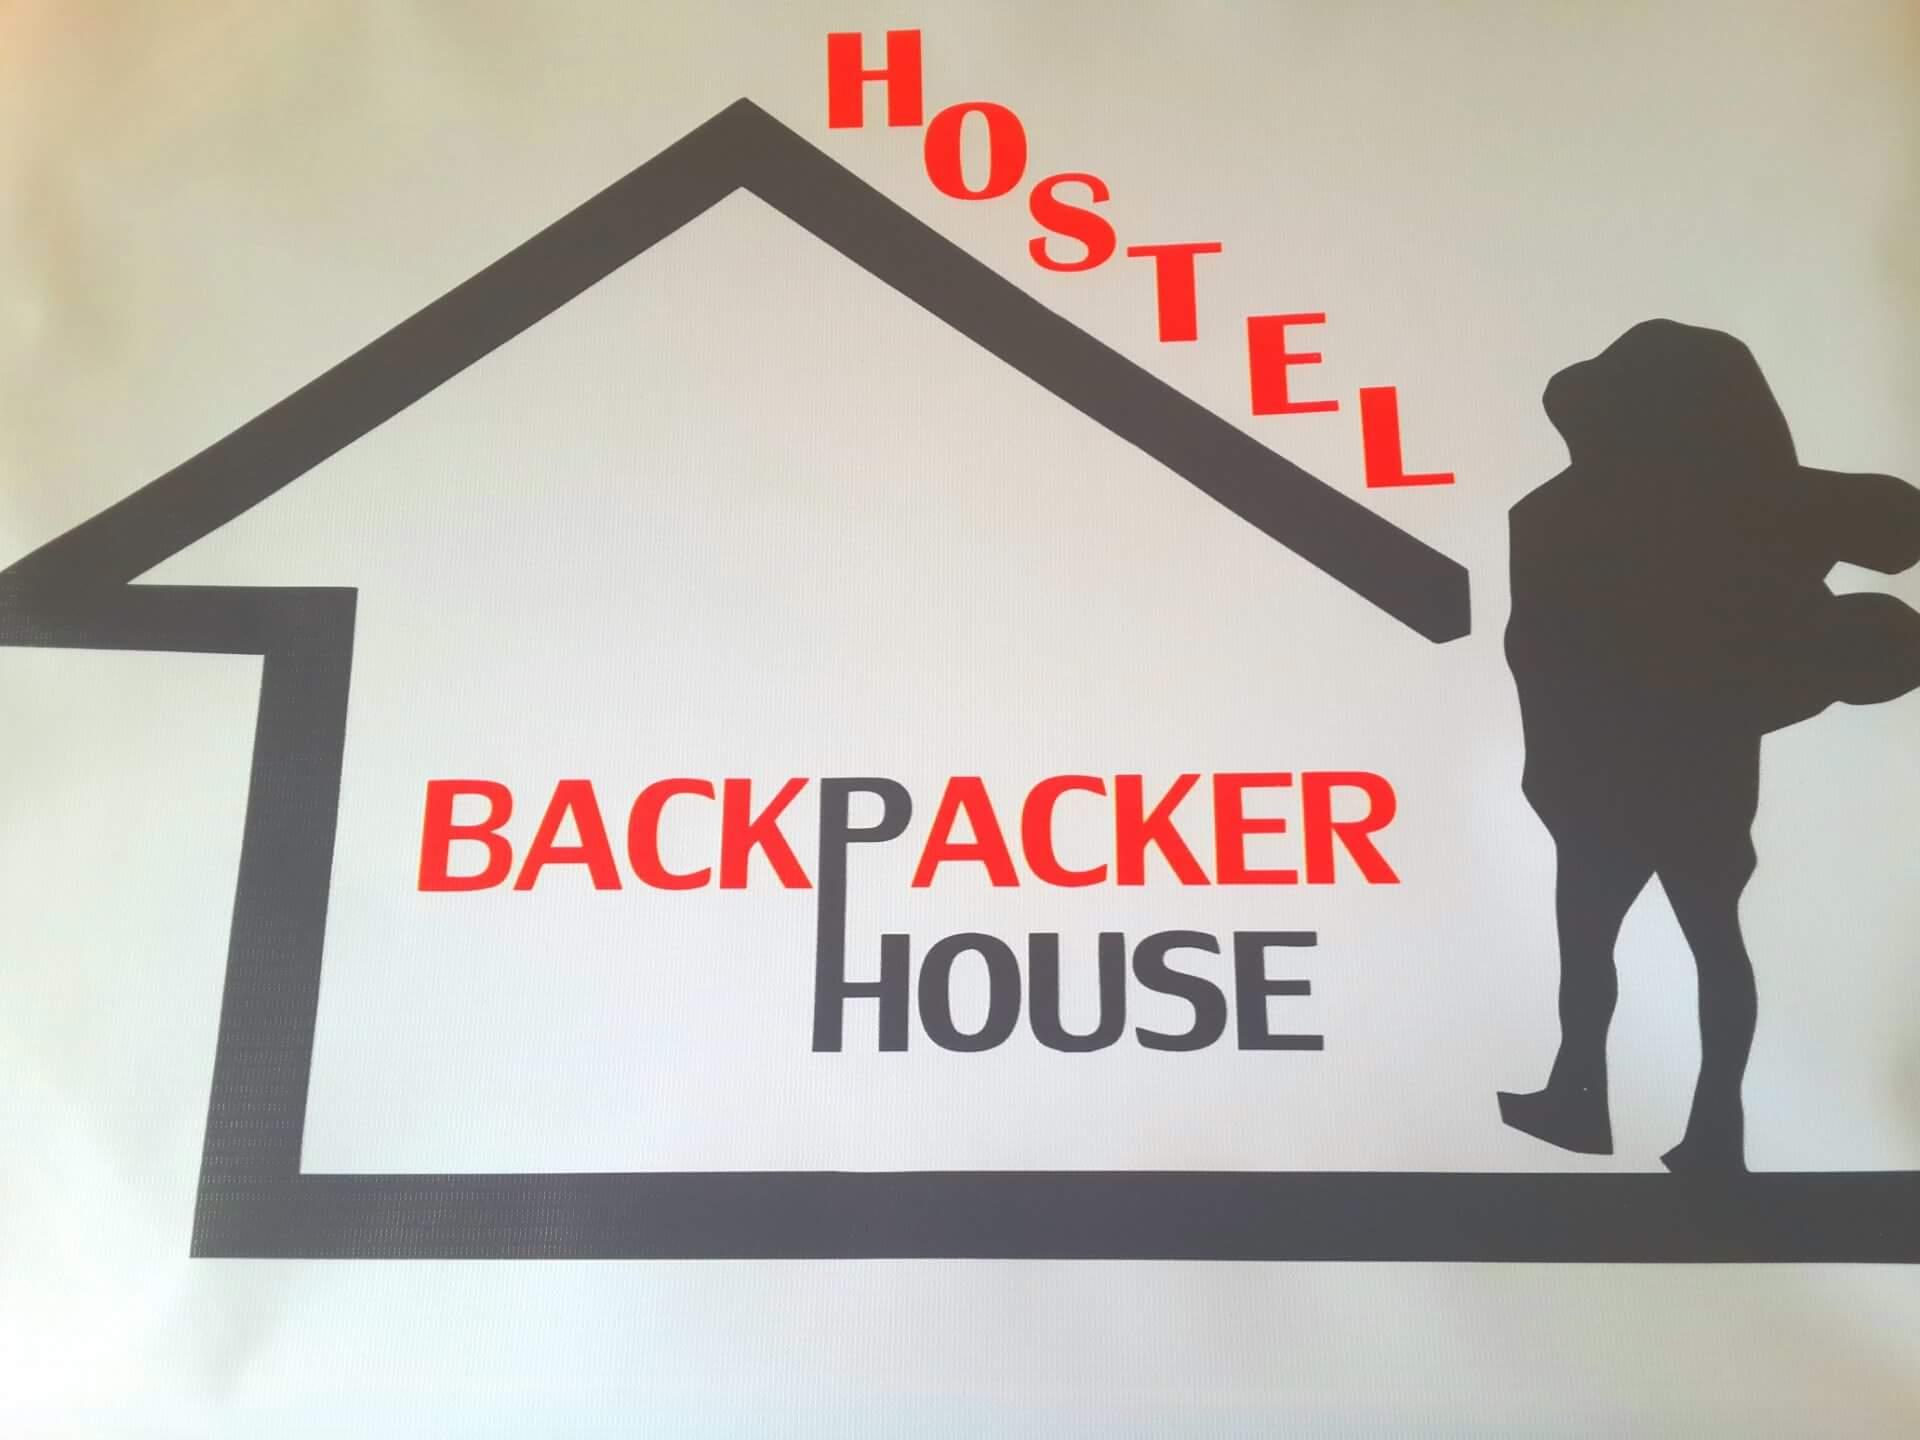 Hostel Backpacker House